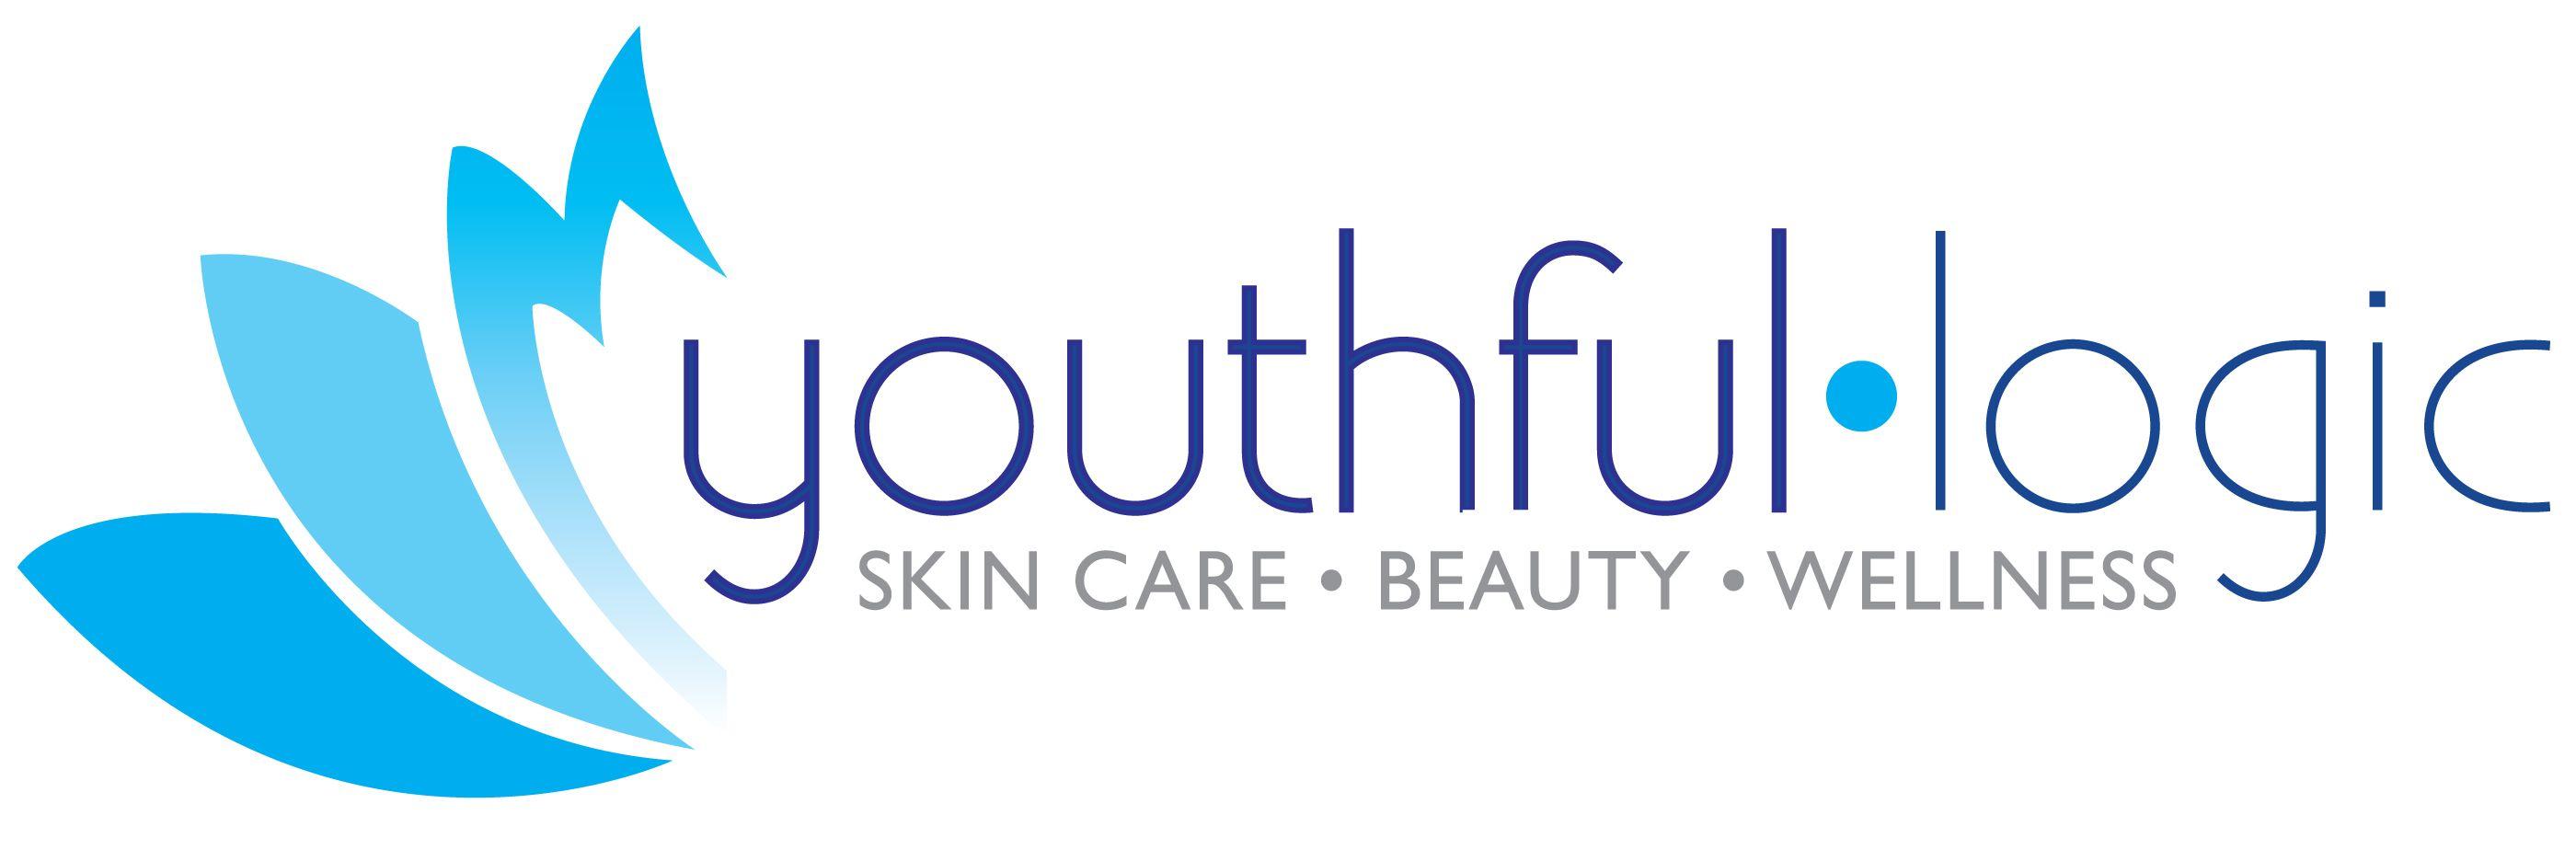 Skincare Beauty Wellness